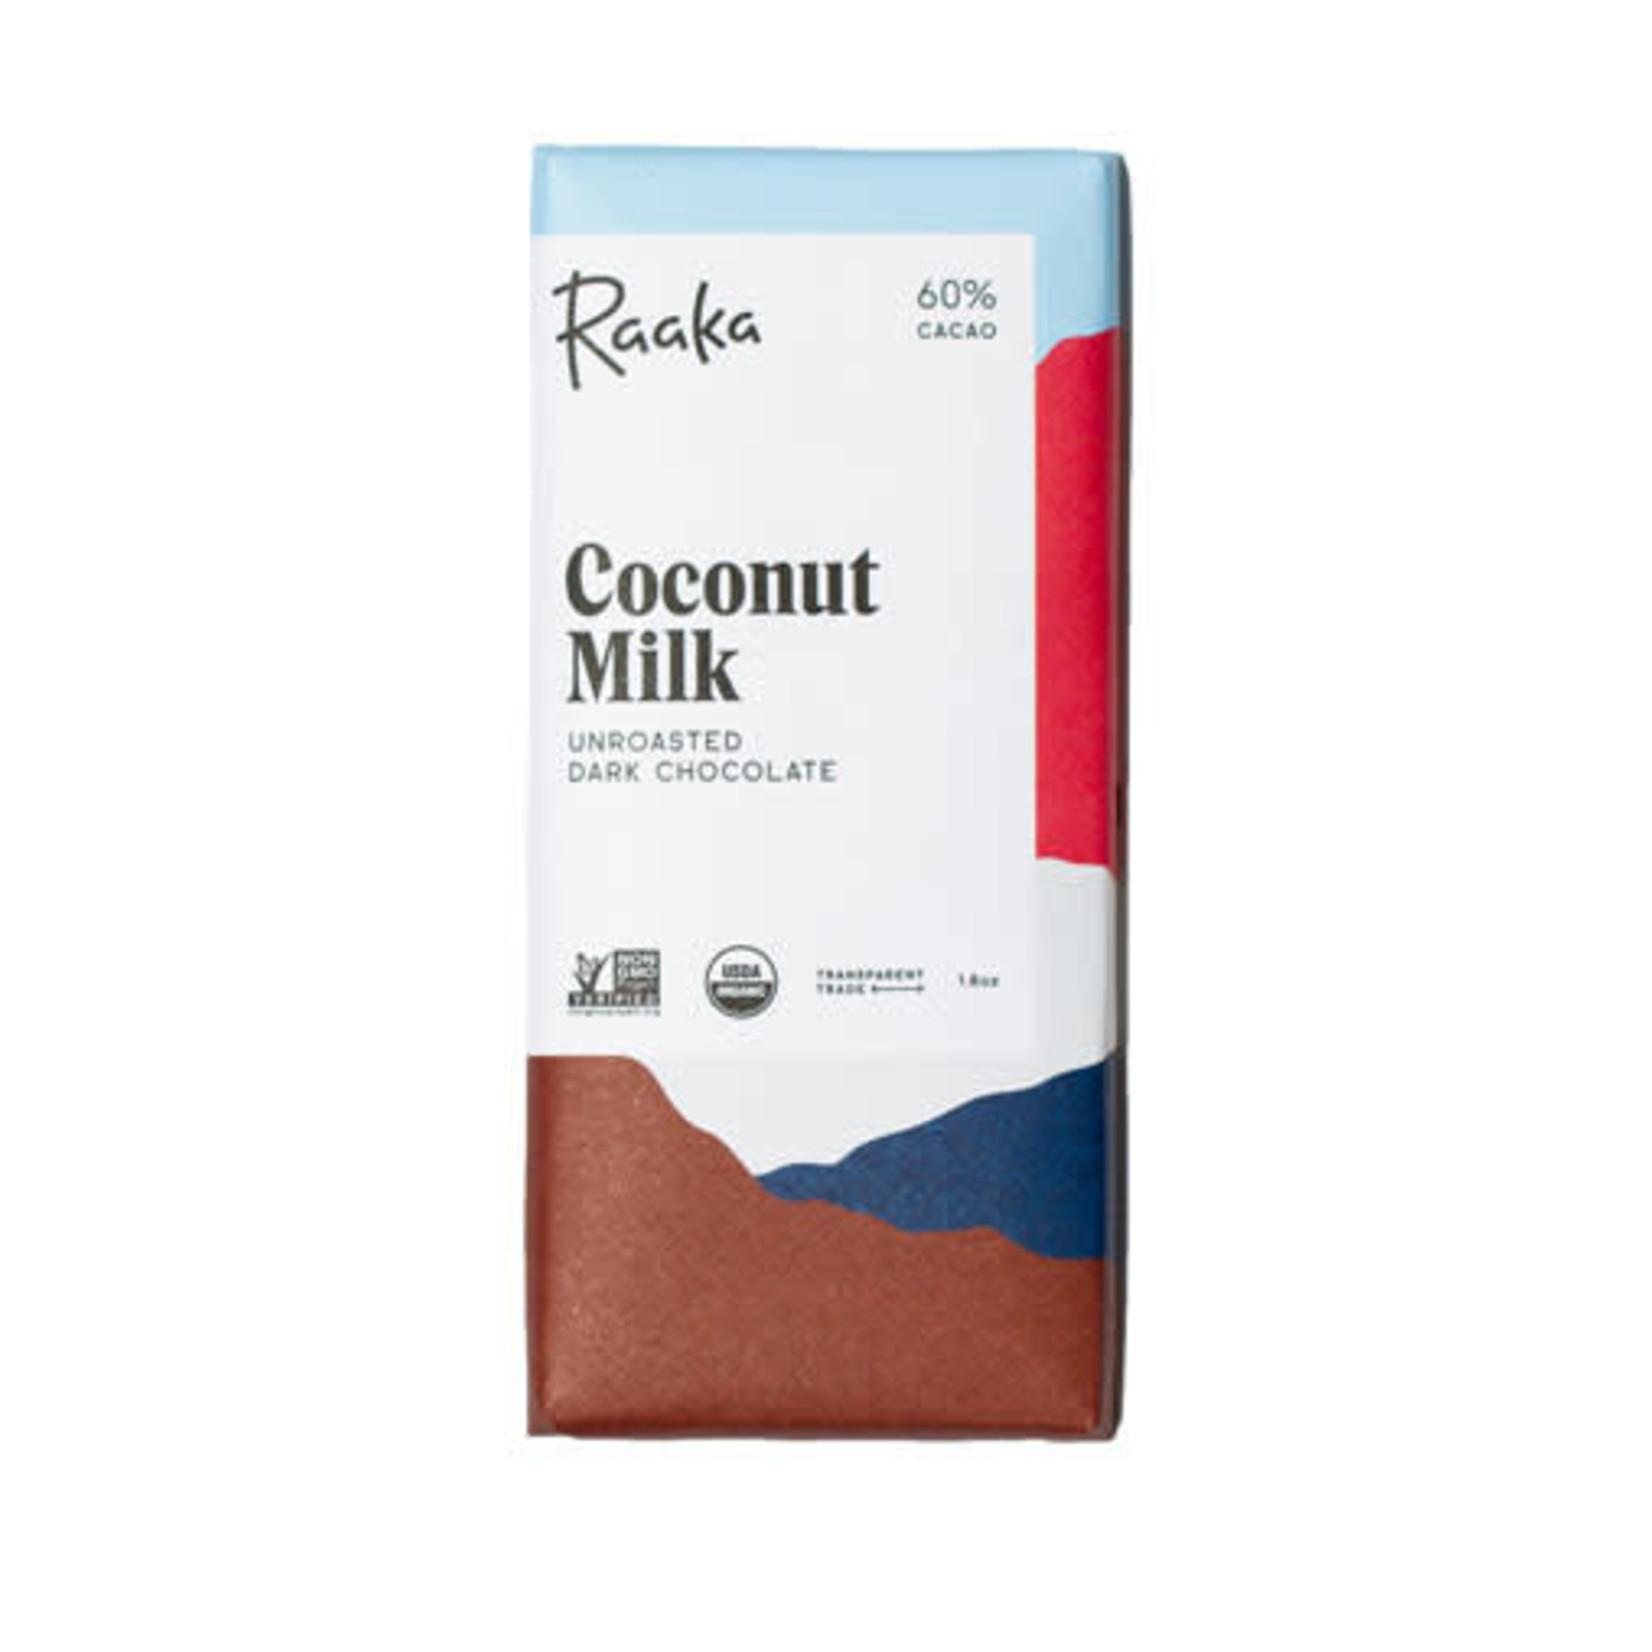 Raaka Coconut Milk Chocolate Bar